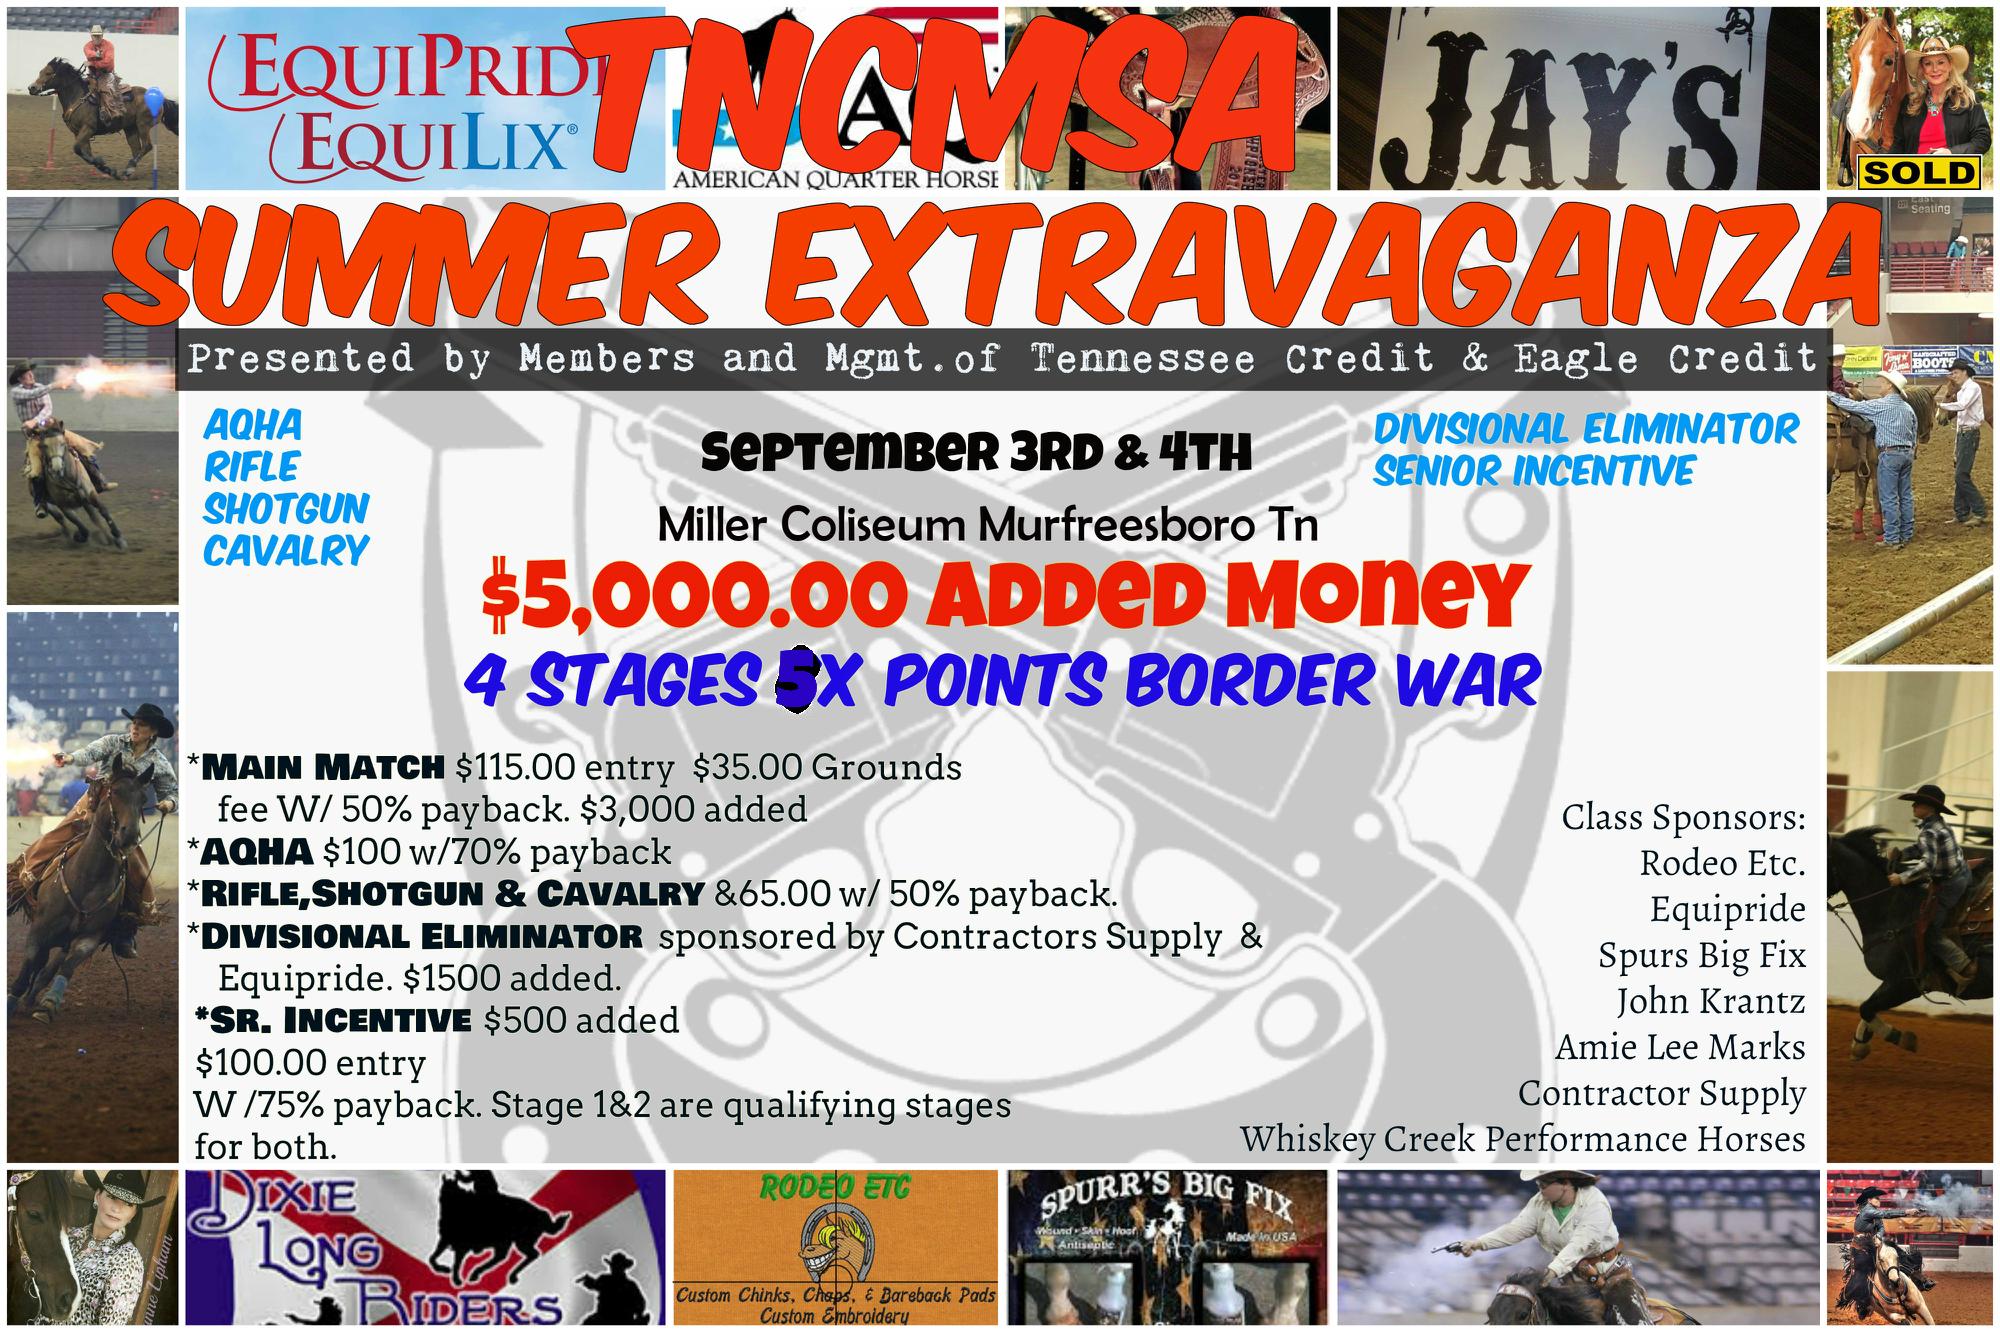 2016 Summer Extravaganza